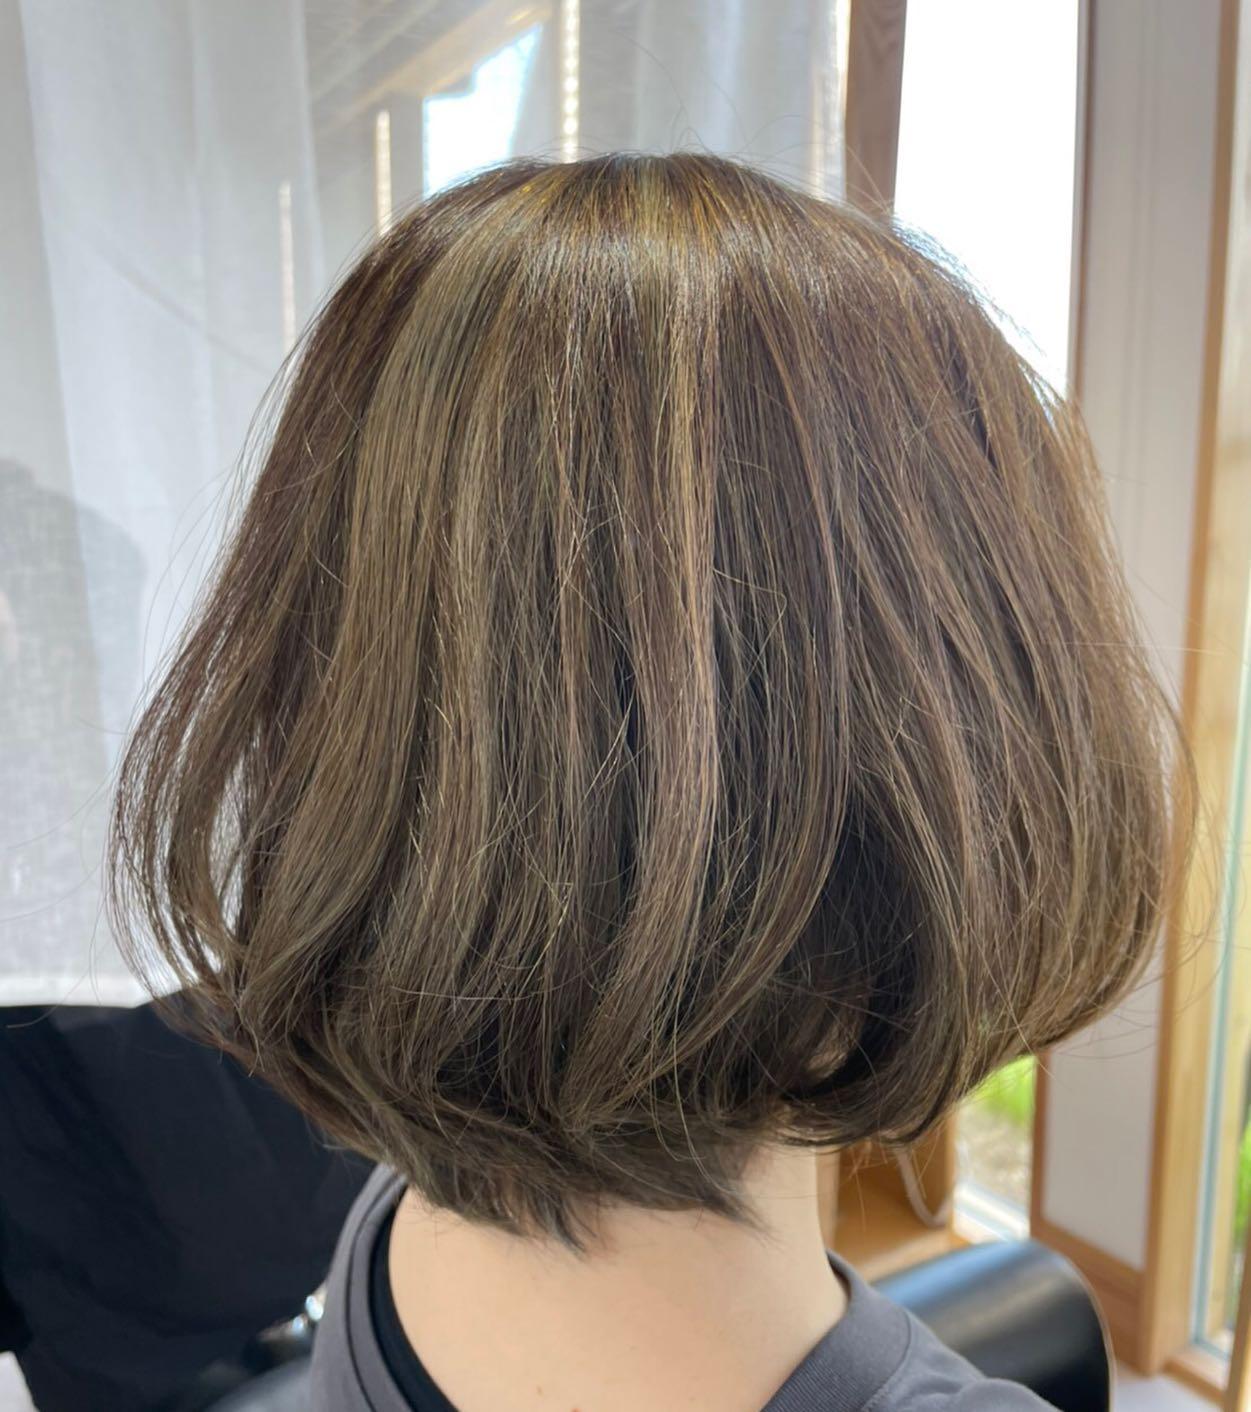 思い切って明るく退色も楽しみ️夏には更に... 笑#totti #hair #color #perm #cut #hairstyle #haircolor #hairarrange #stylist #care #carelist #aujua #イルミナカラー #headspa #treatment #美容院